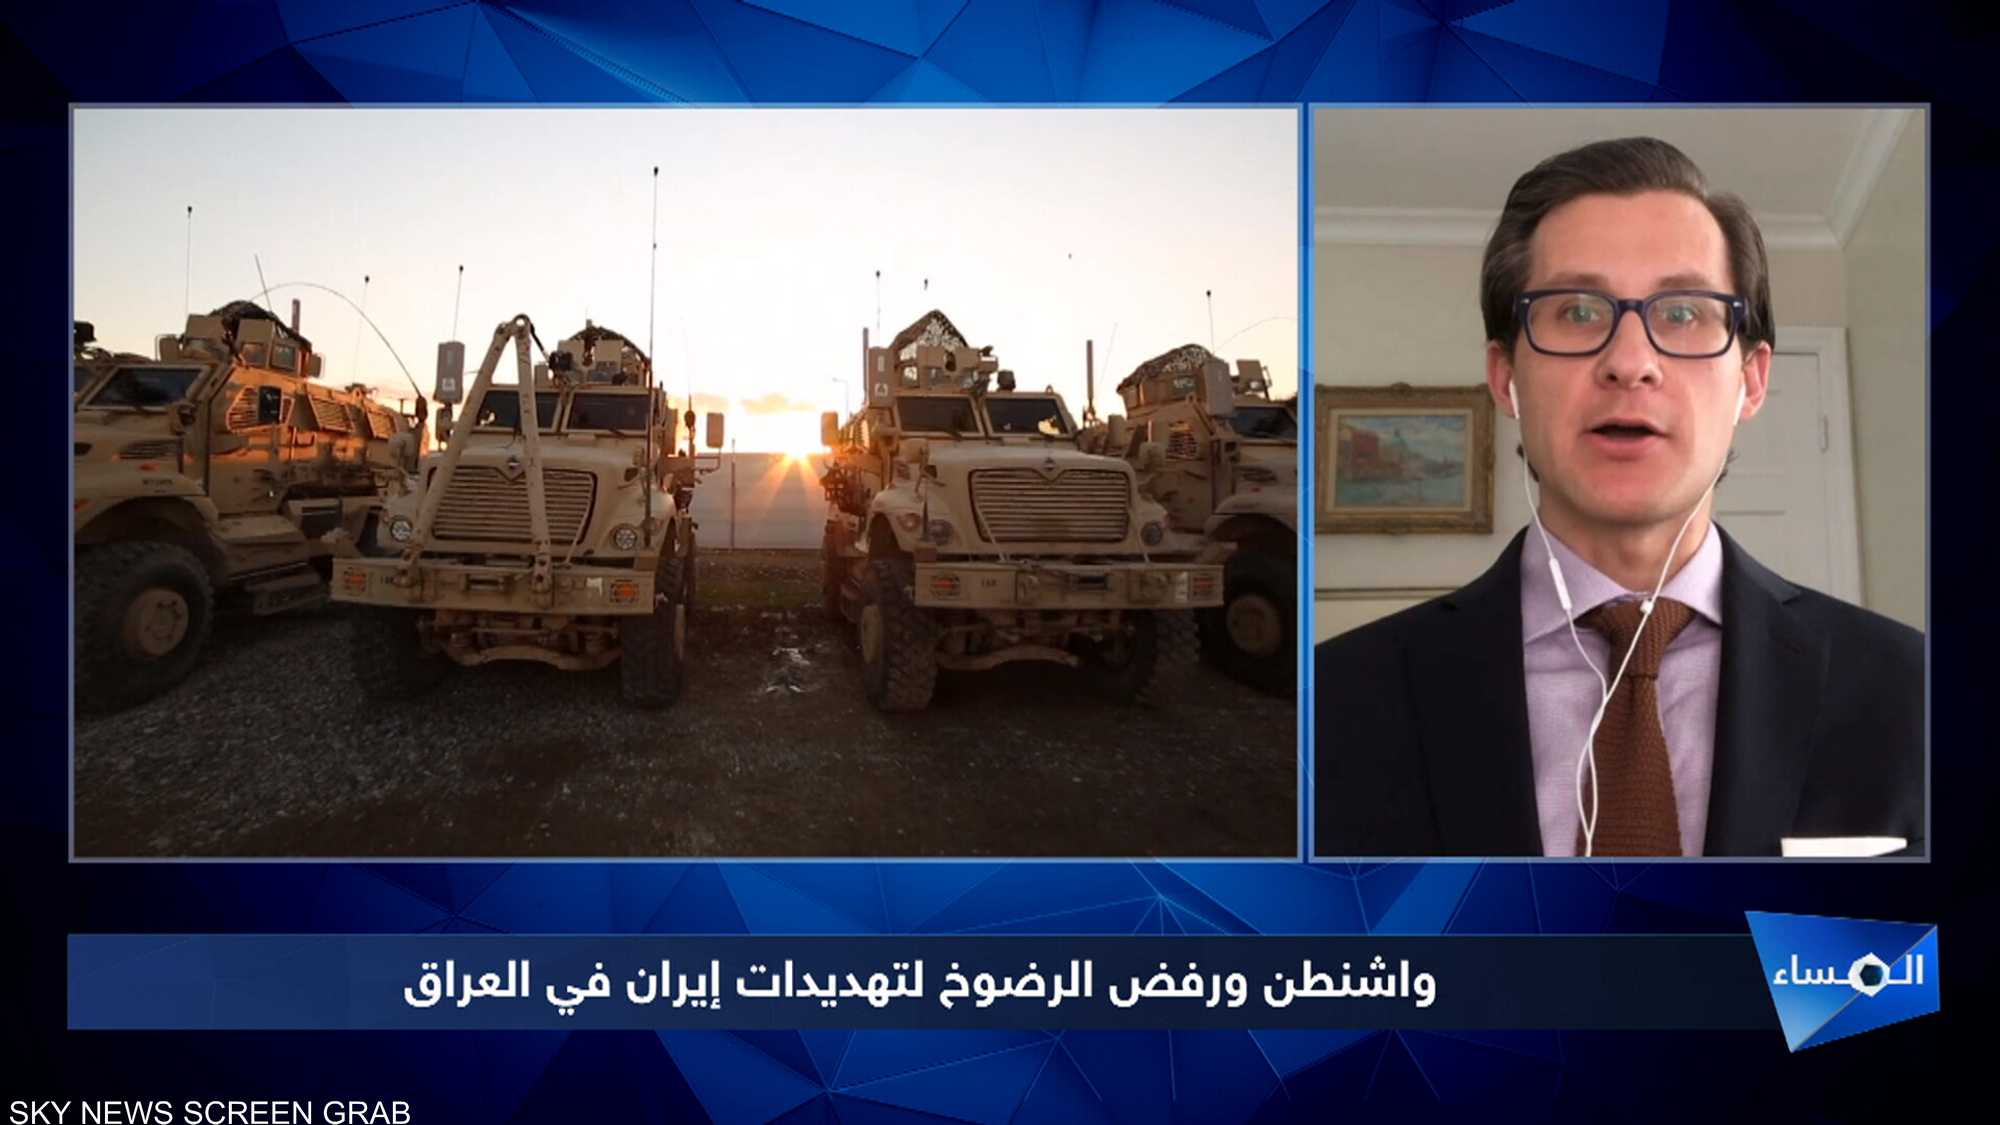 واشنطن ورفض الرضوخ لتهديدات إيران في العراق